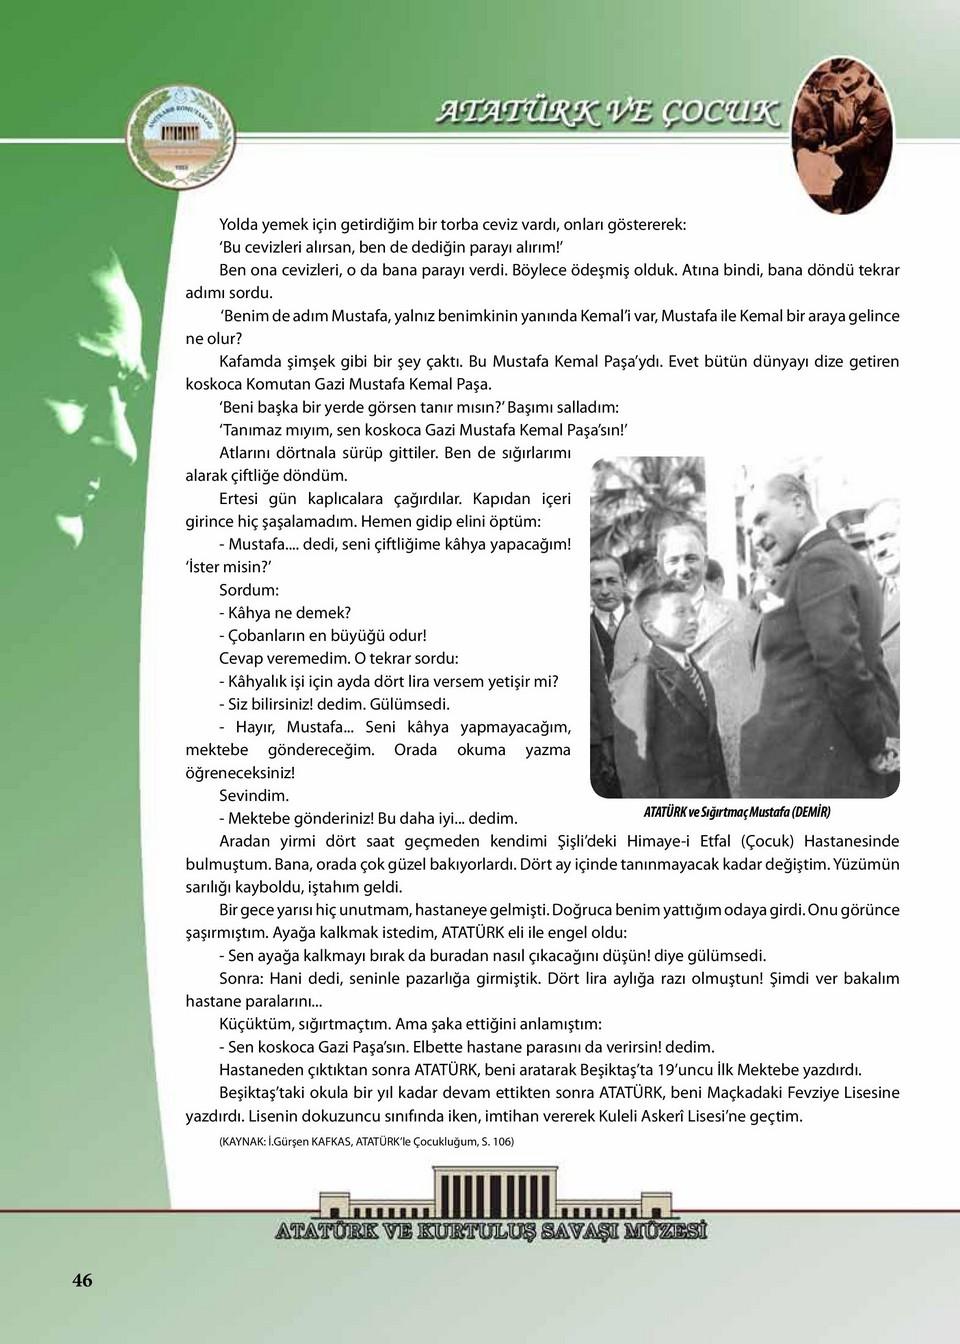 ataturkvecocuk-page-048